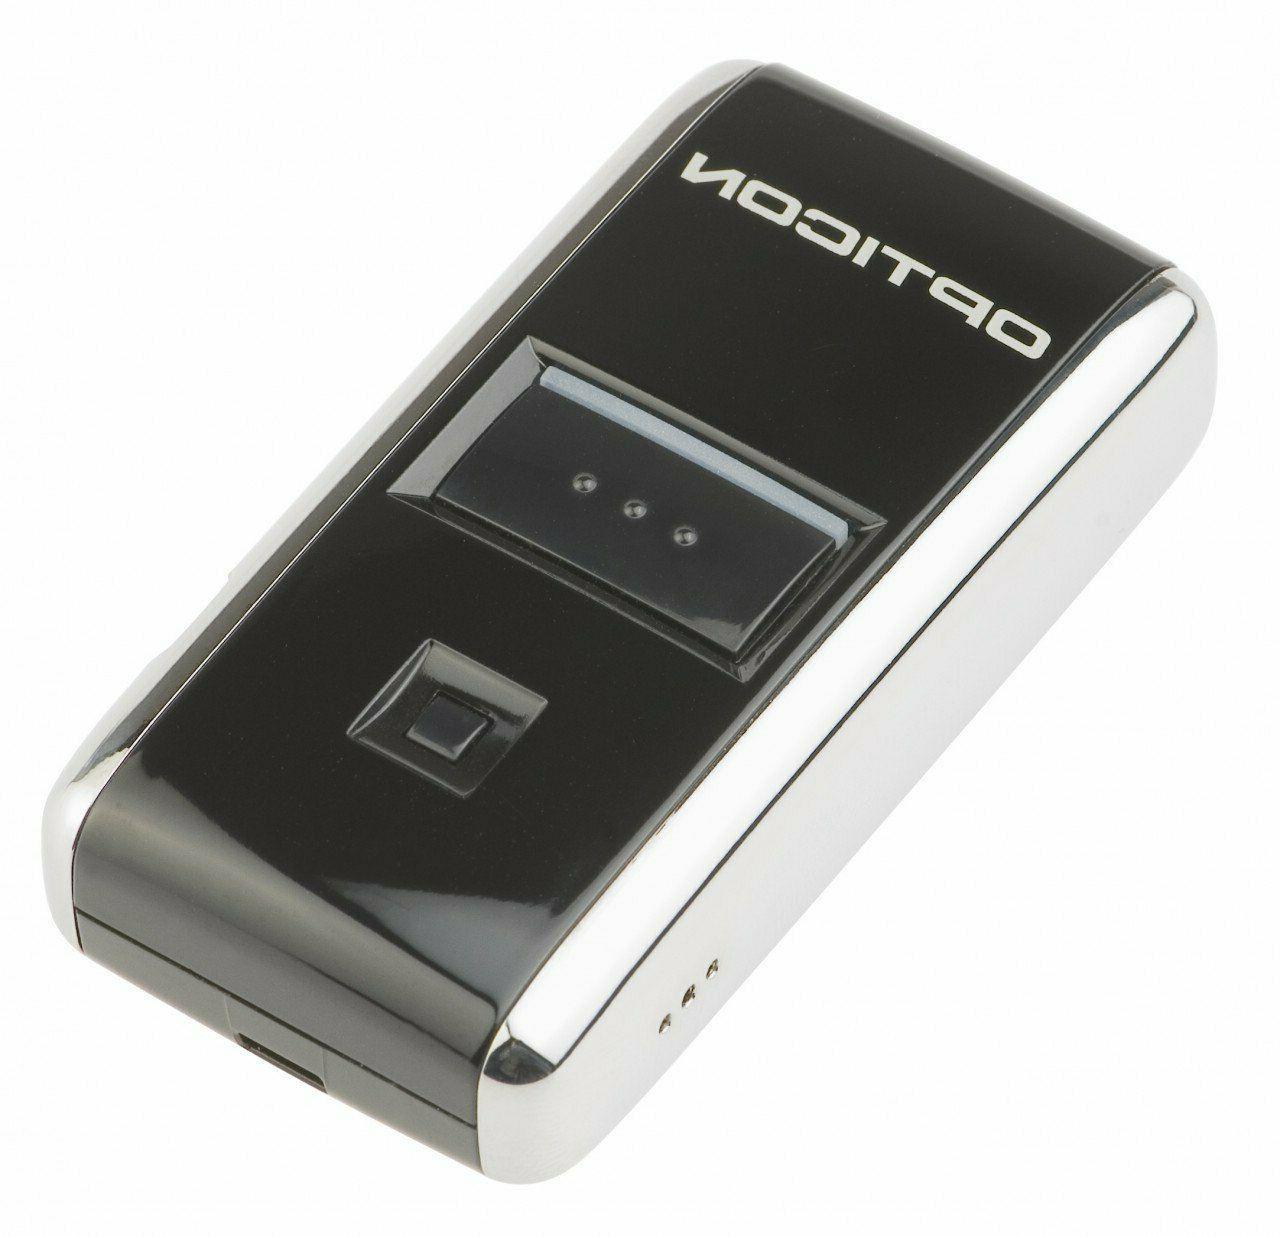 opn 2002n 1d laser bluetooth wireless barcode